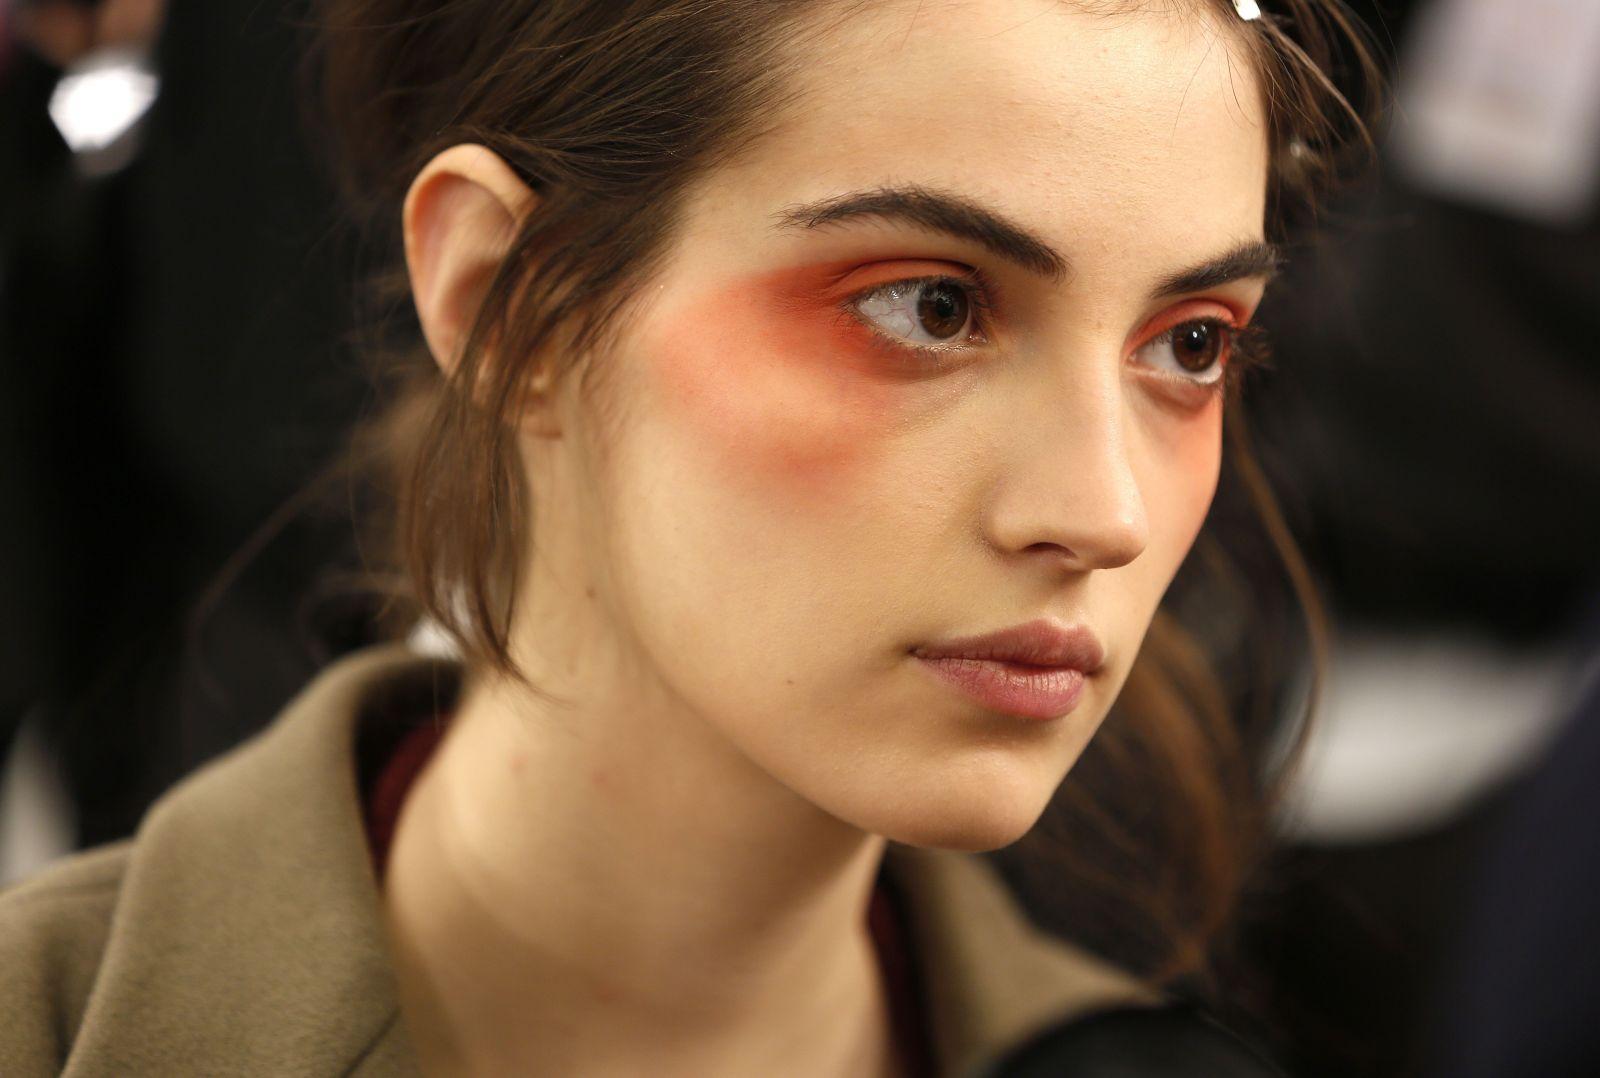 Эффект заплаканных глаз с показа Giorgio Armani Prive стал трендом весны в макияже (ФОТО)